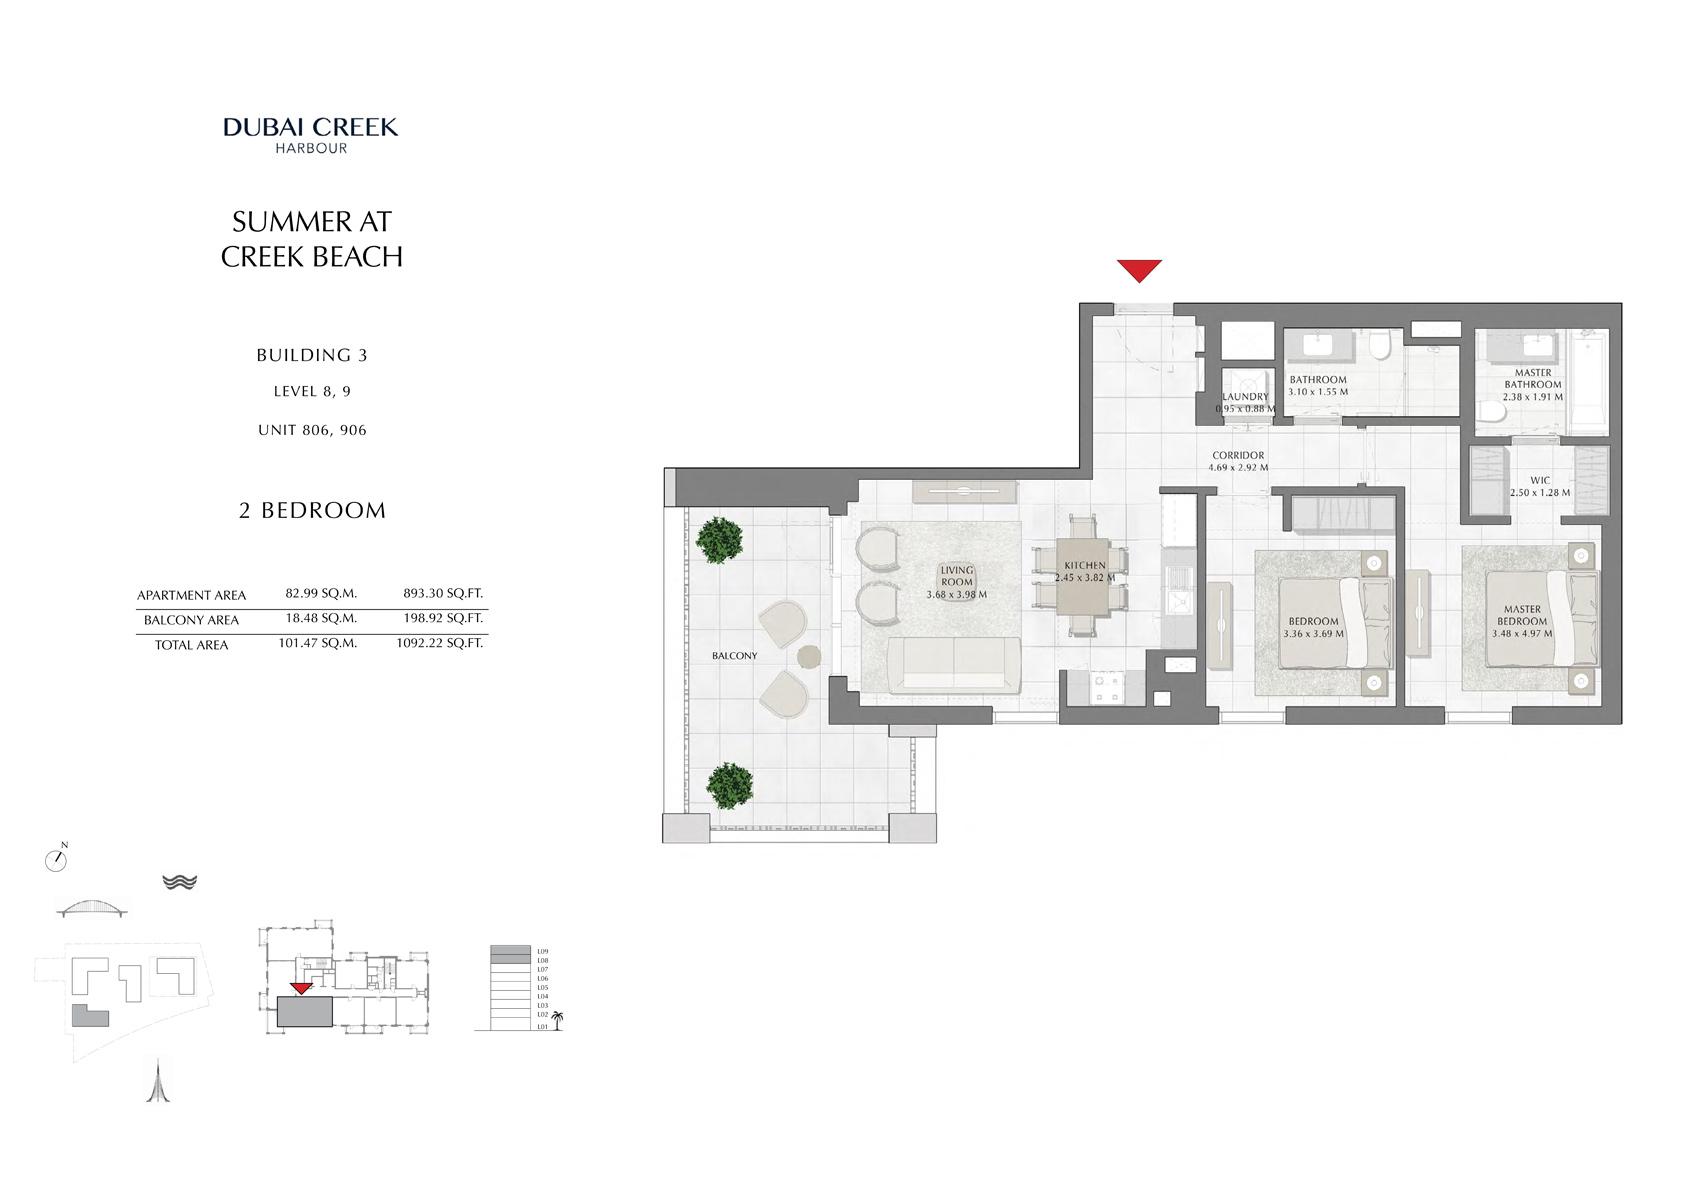 2 Br Building 3 Level-8-9 Unit 806-906, Size 1092 Sq Ft